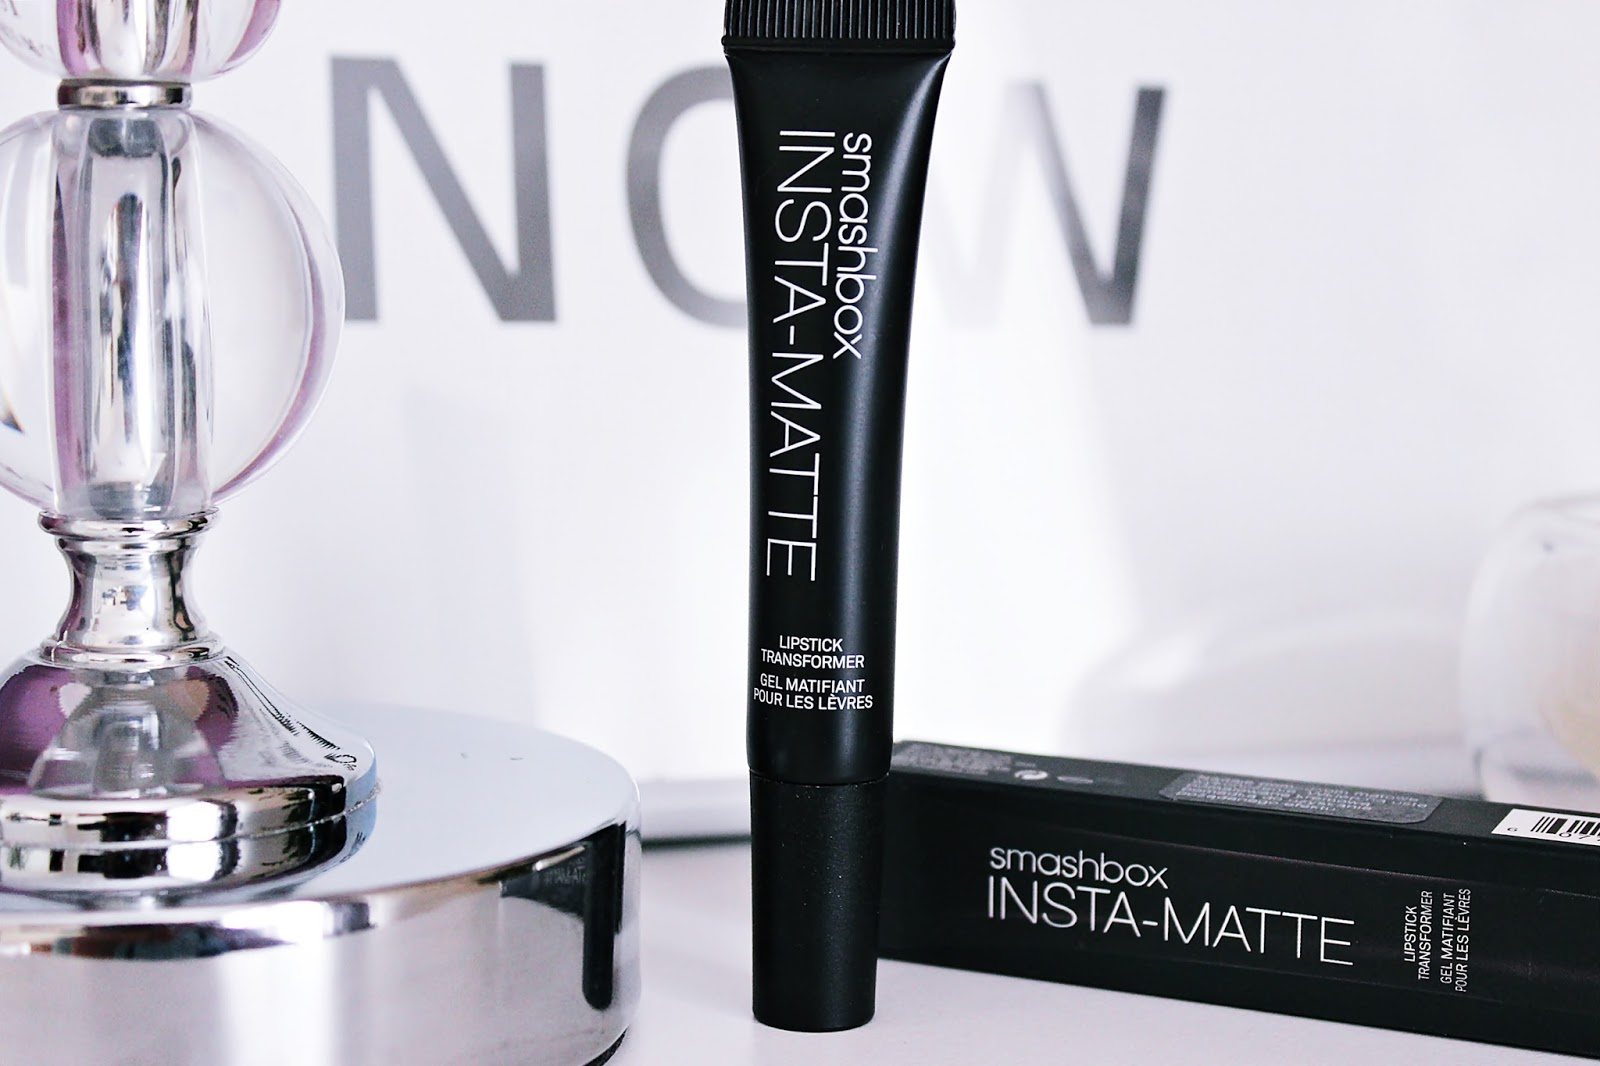 Insta-Matte Smashbox, Szybki sposób na matowe usta